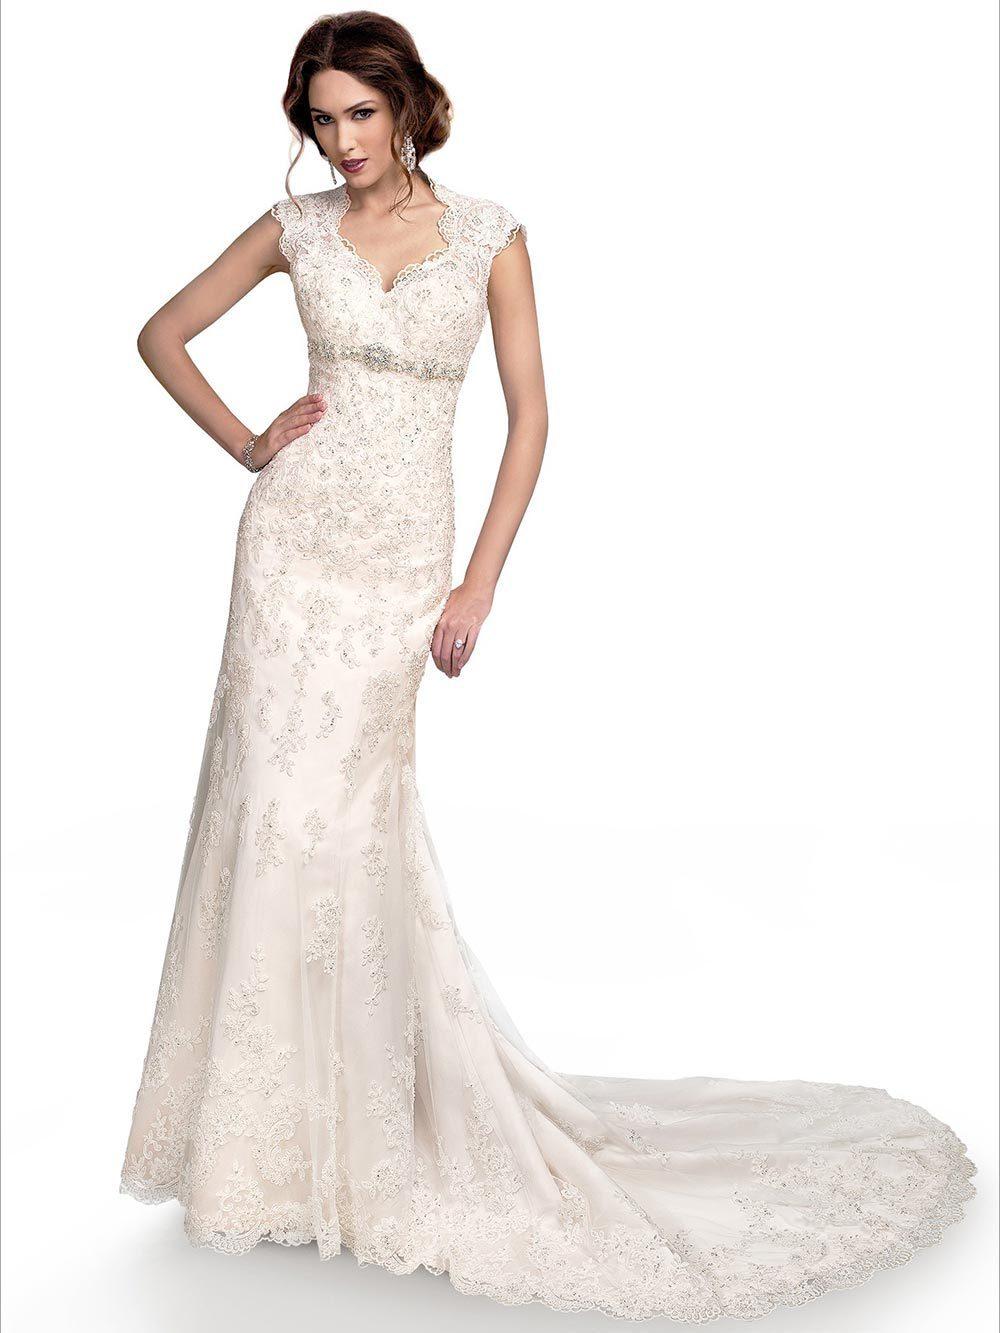 Brautkleid Bernadette von Maggie Sottero auf Ja.de